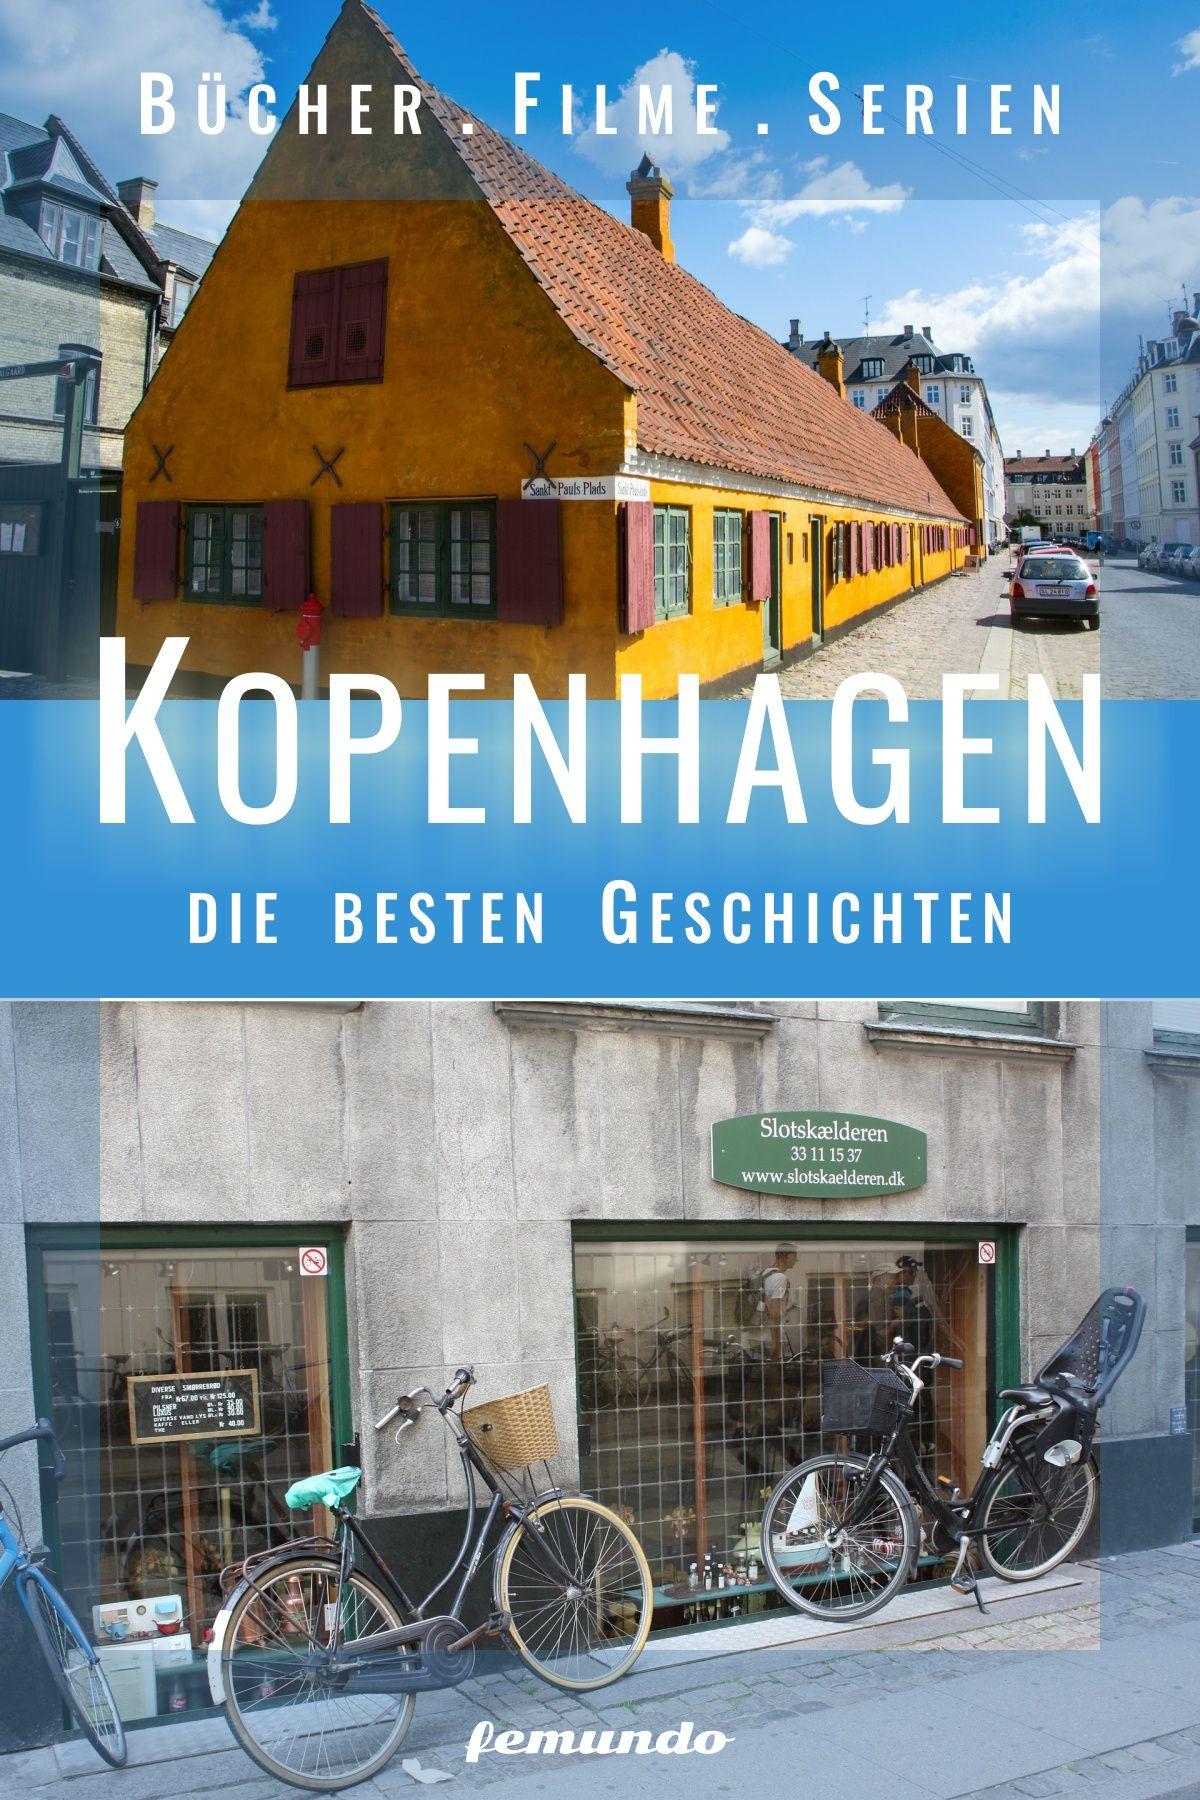 Hej Kopenhagen Buchempfehlungen Und Serien Tipps Krimi Filme Filme Bucher